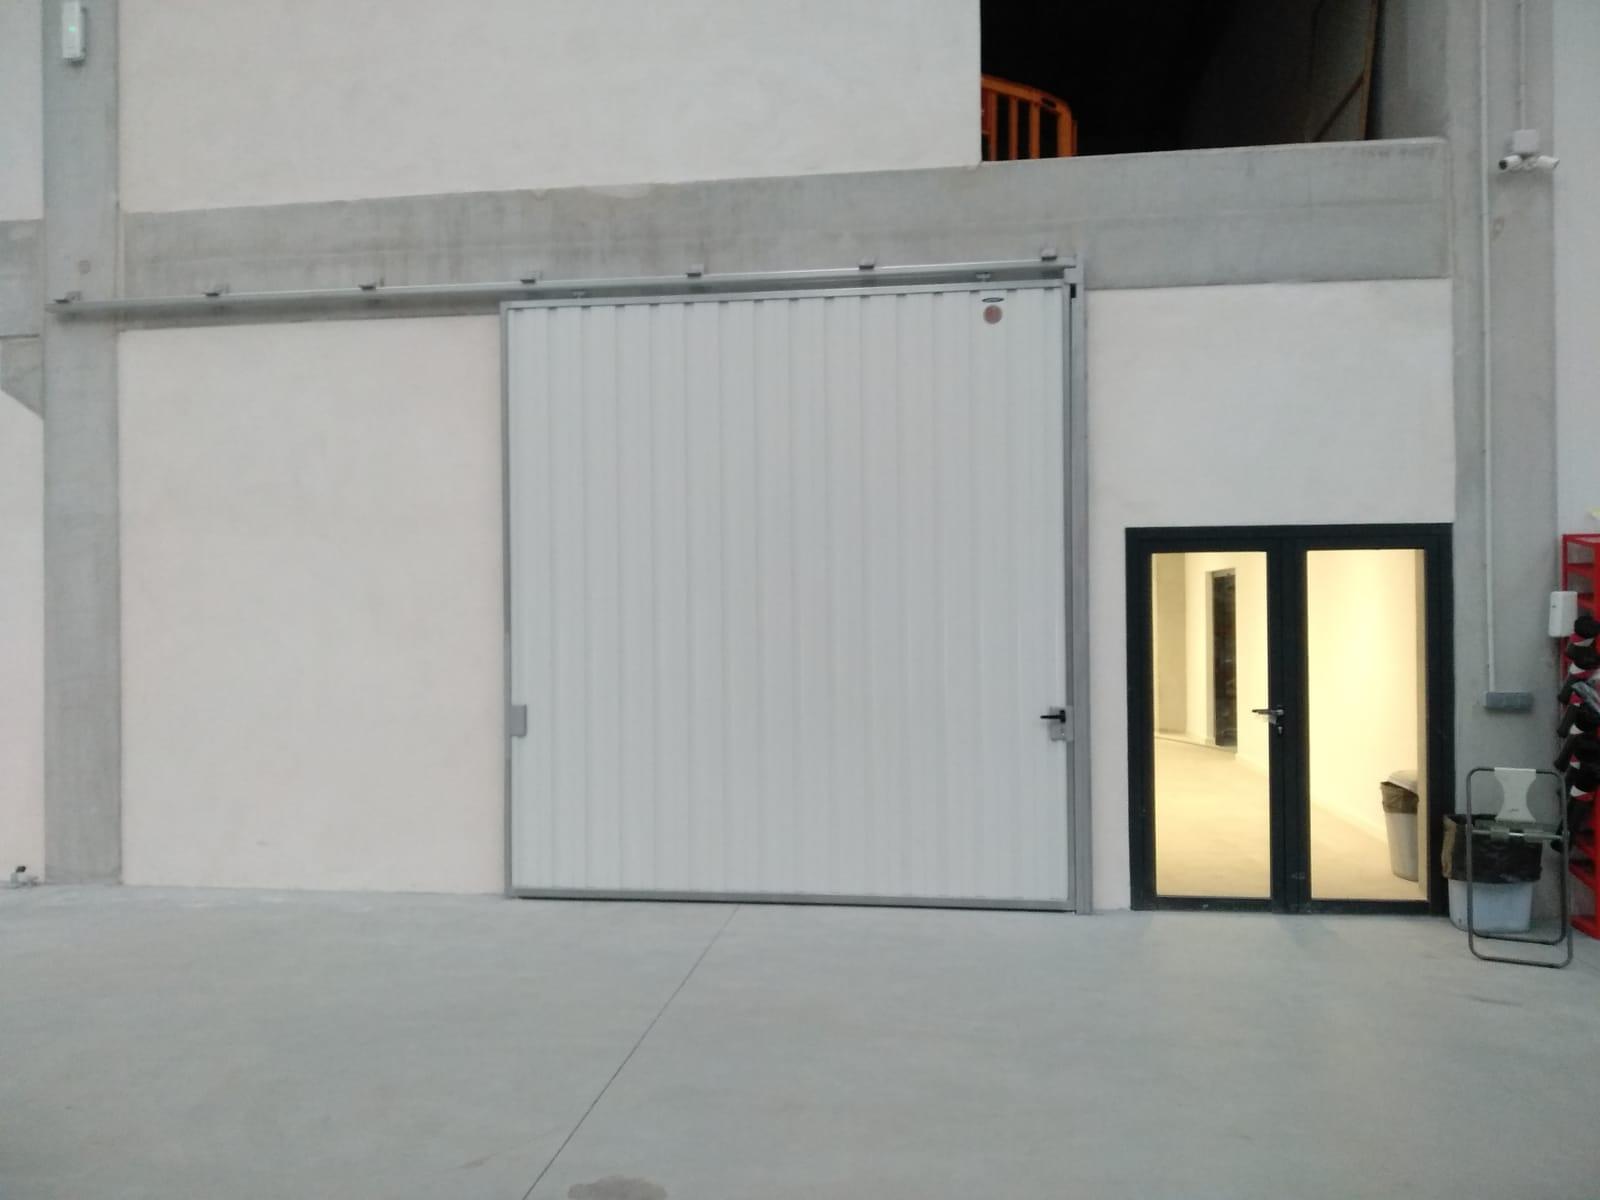 Portales corredera y batiente industriales instalados en Nigrán (Pontevedra) 9